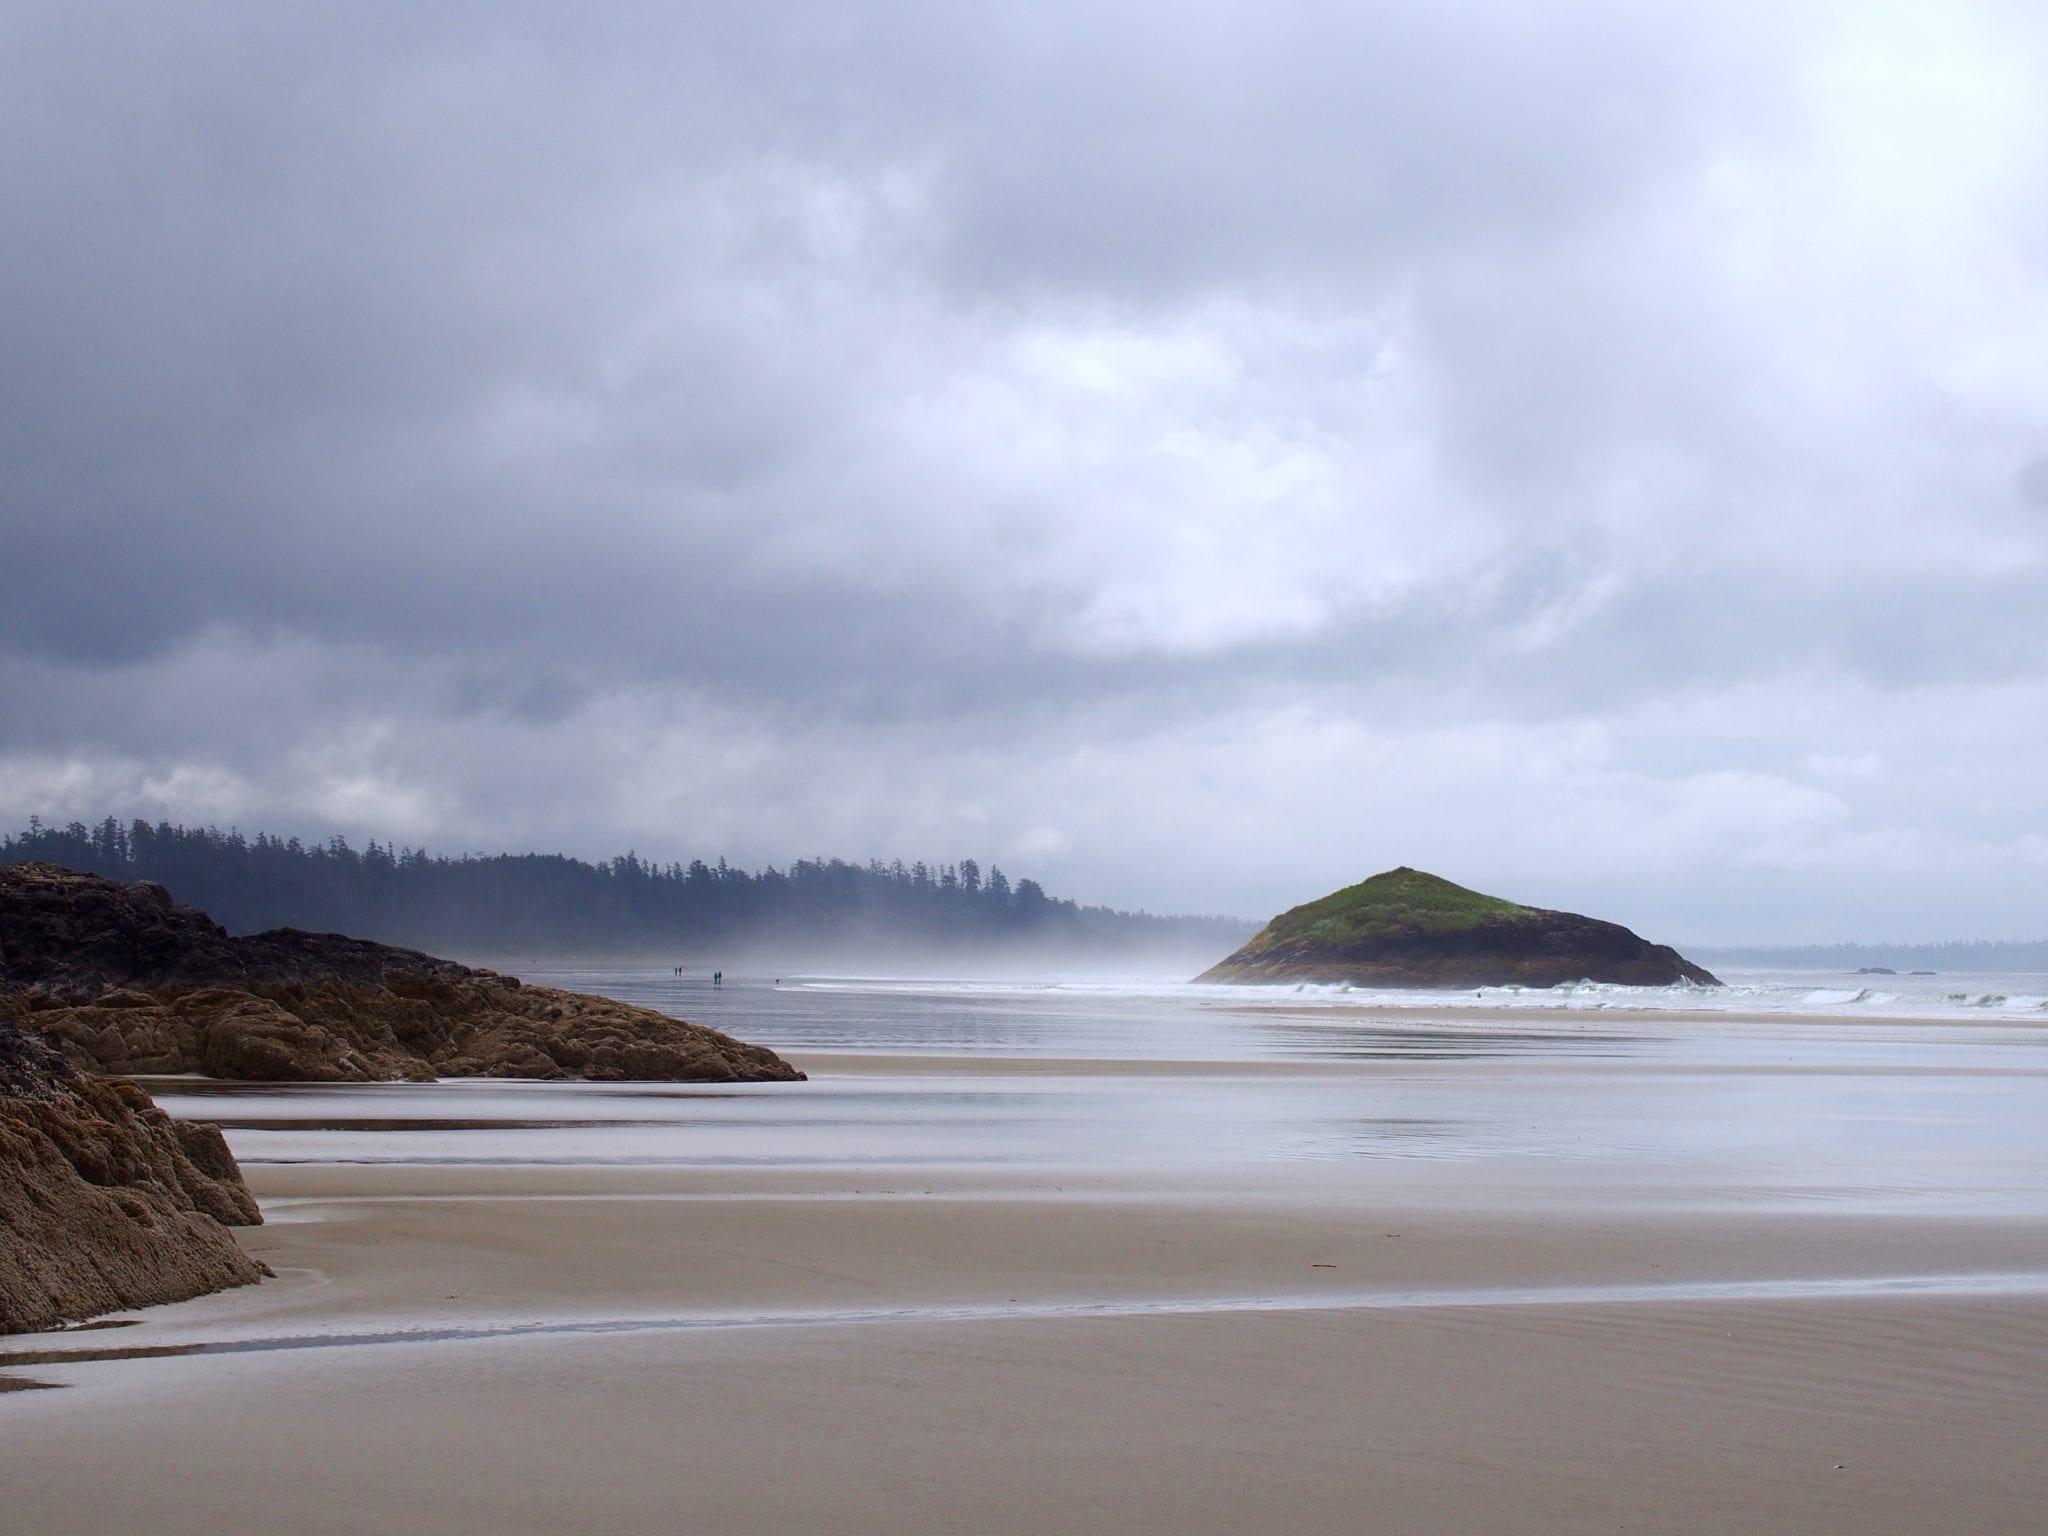 Tofino Best Beaches